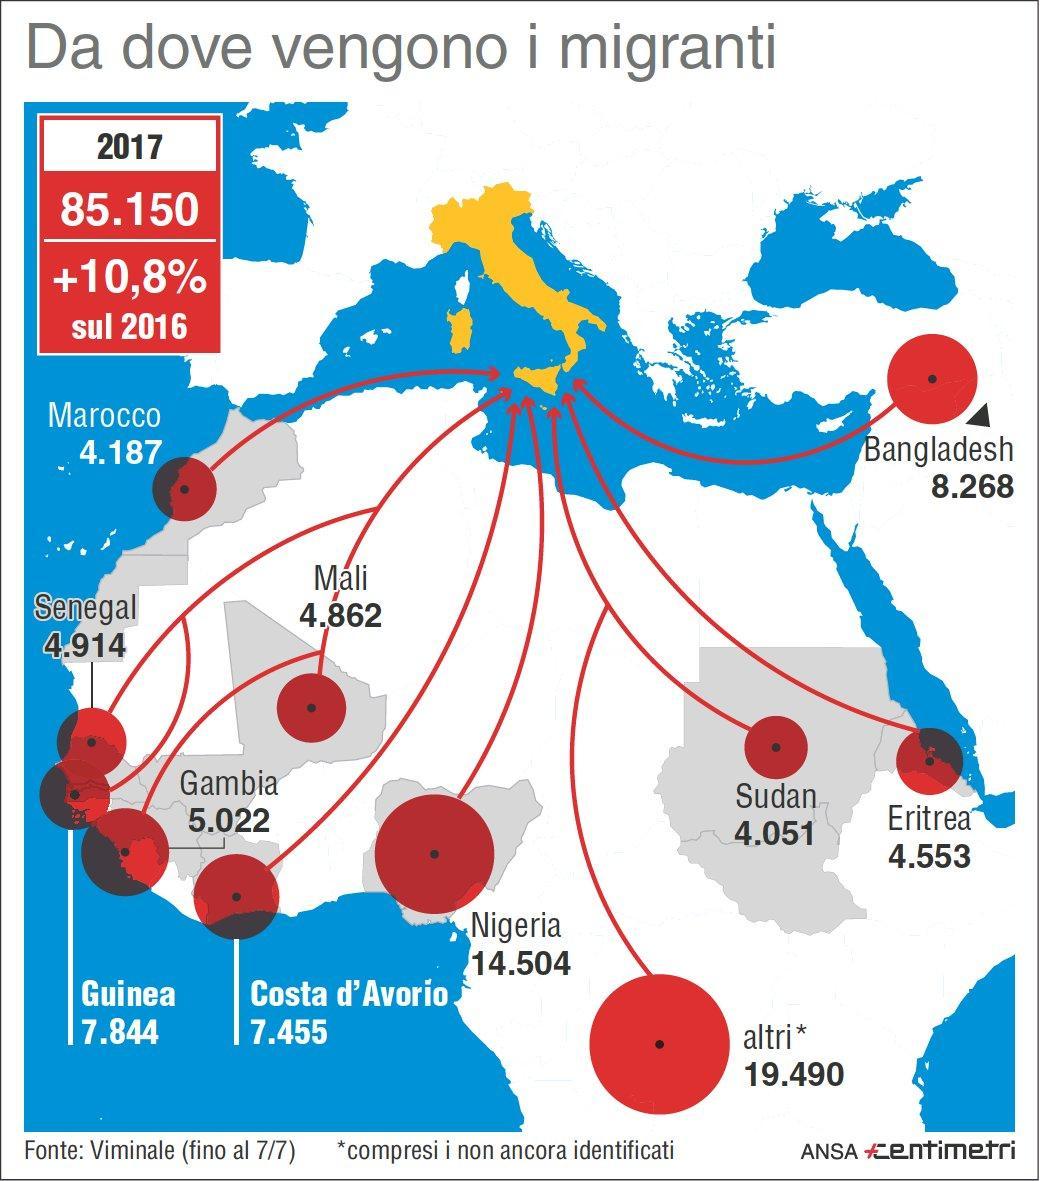 Da dove vengono i migranti che arrivano in Italia